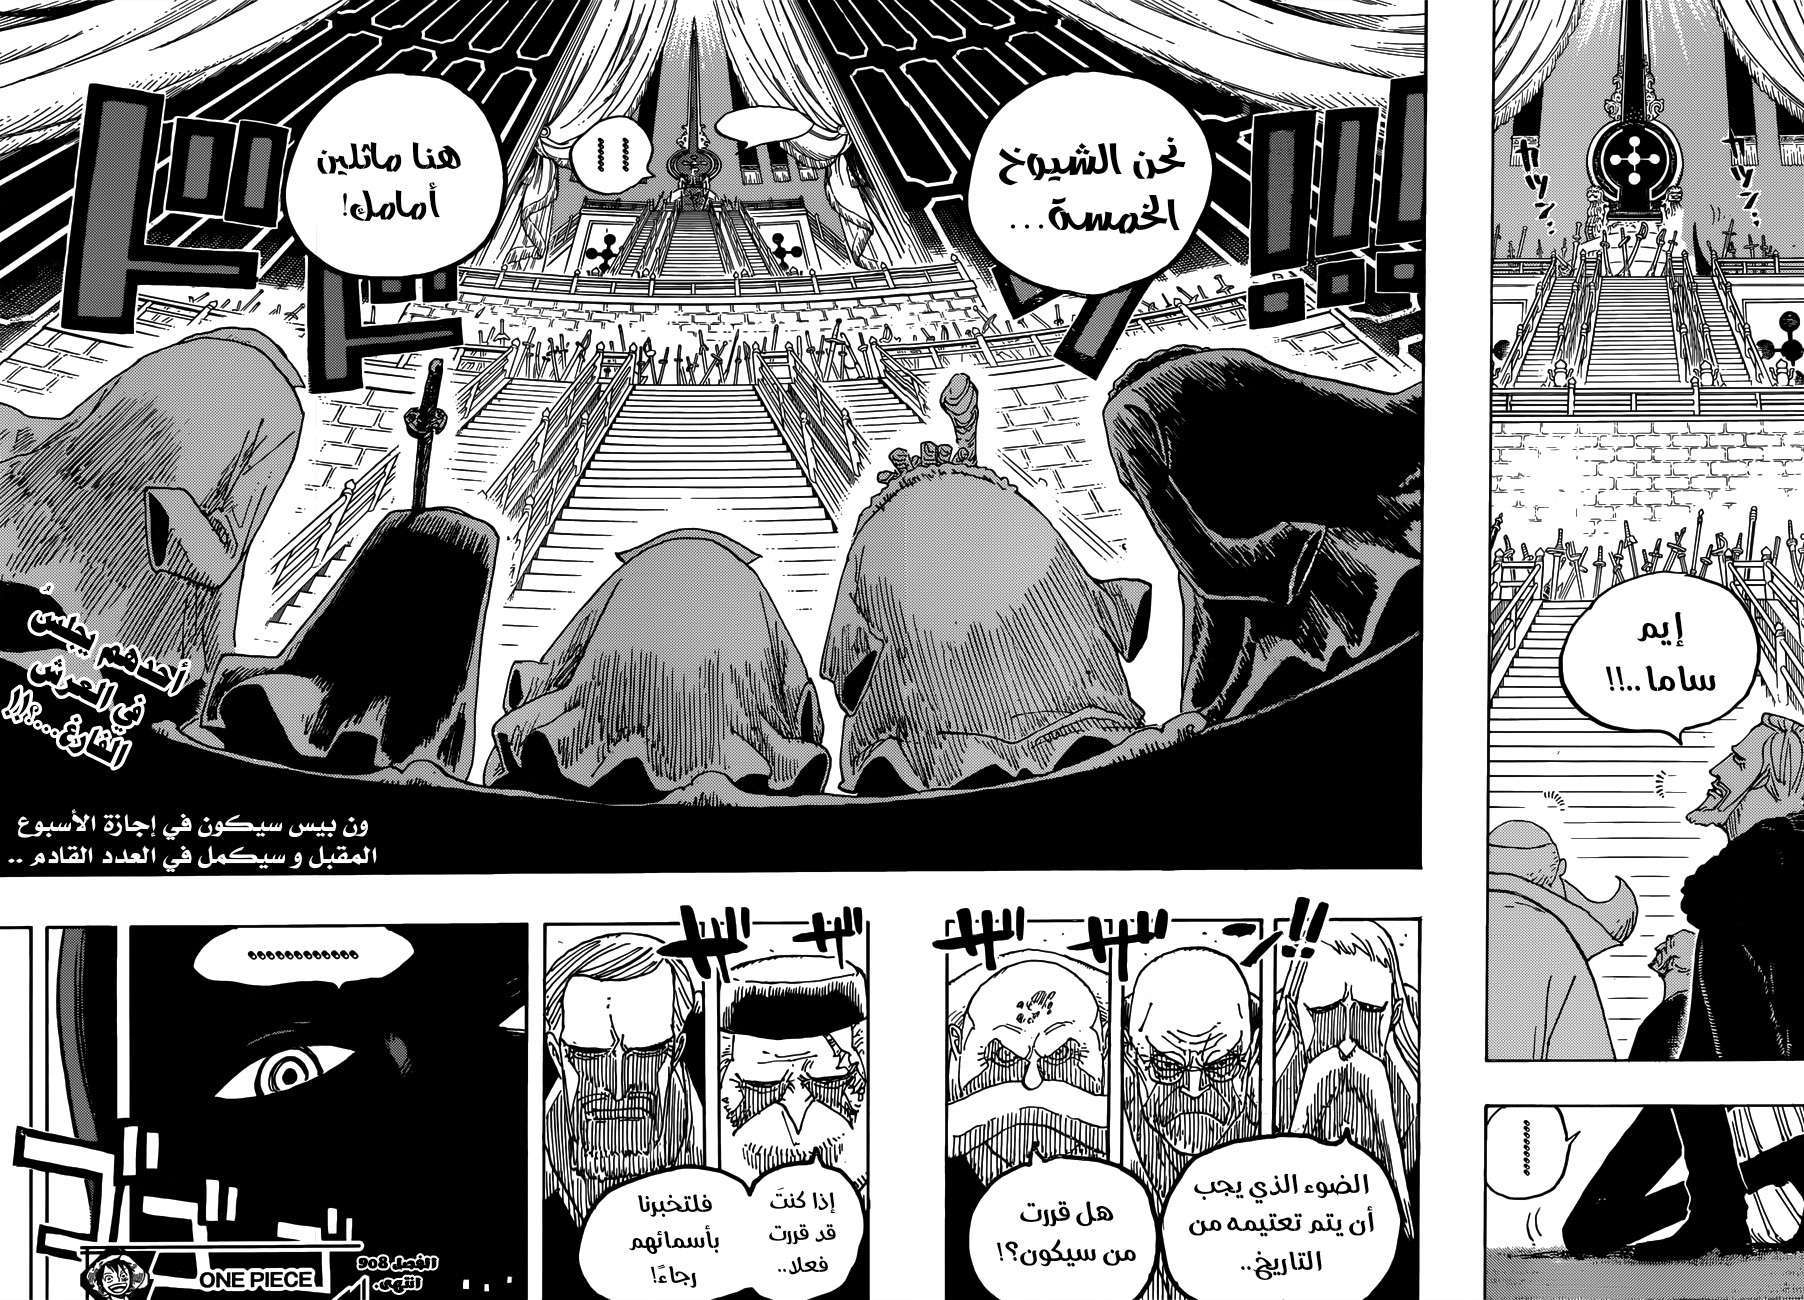 مانجا One Piece 908 - مترجم - 17